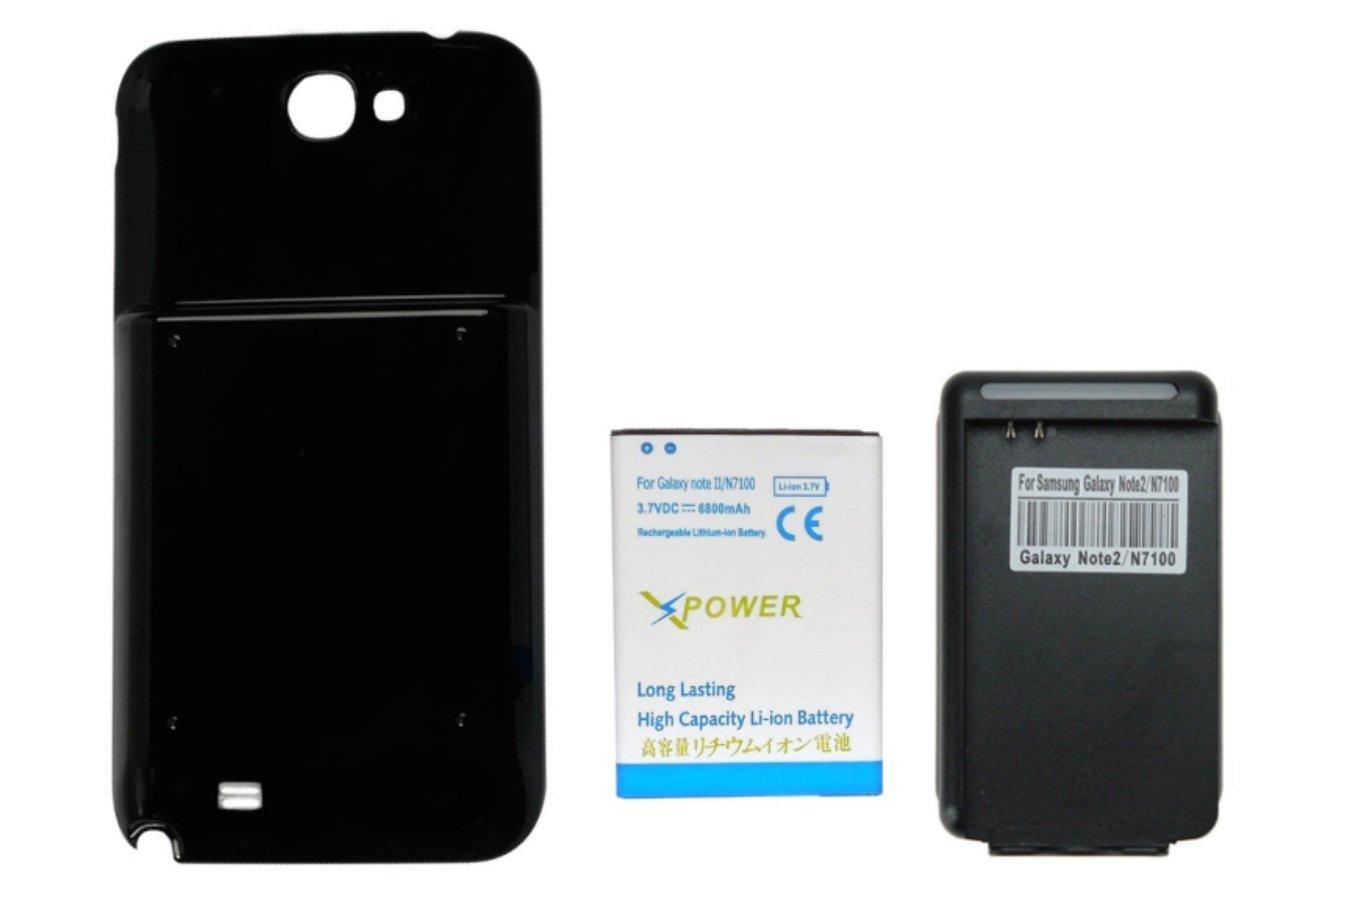 74d704b3137 X-Power 6800mAh Batería Extendida con Carcasa Negra+Cargador de Pared con  Entrada USB para Samsung Galaxy Note 2 II, GT-N7100, SCH-I605(Verizon),  SCH-R950, ...